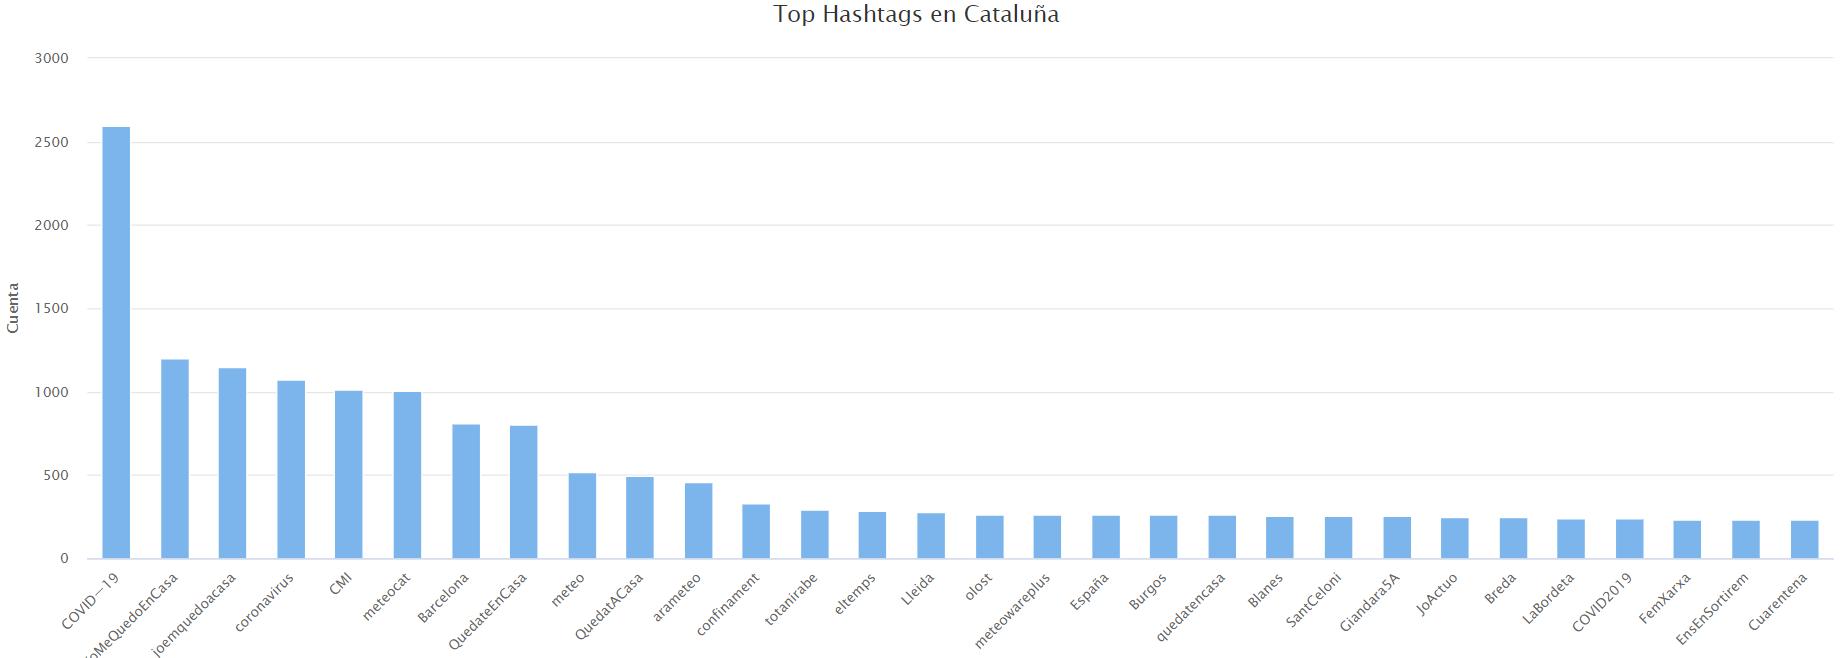 Hashtags más frecuentes en Cataluña